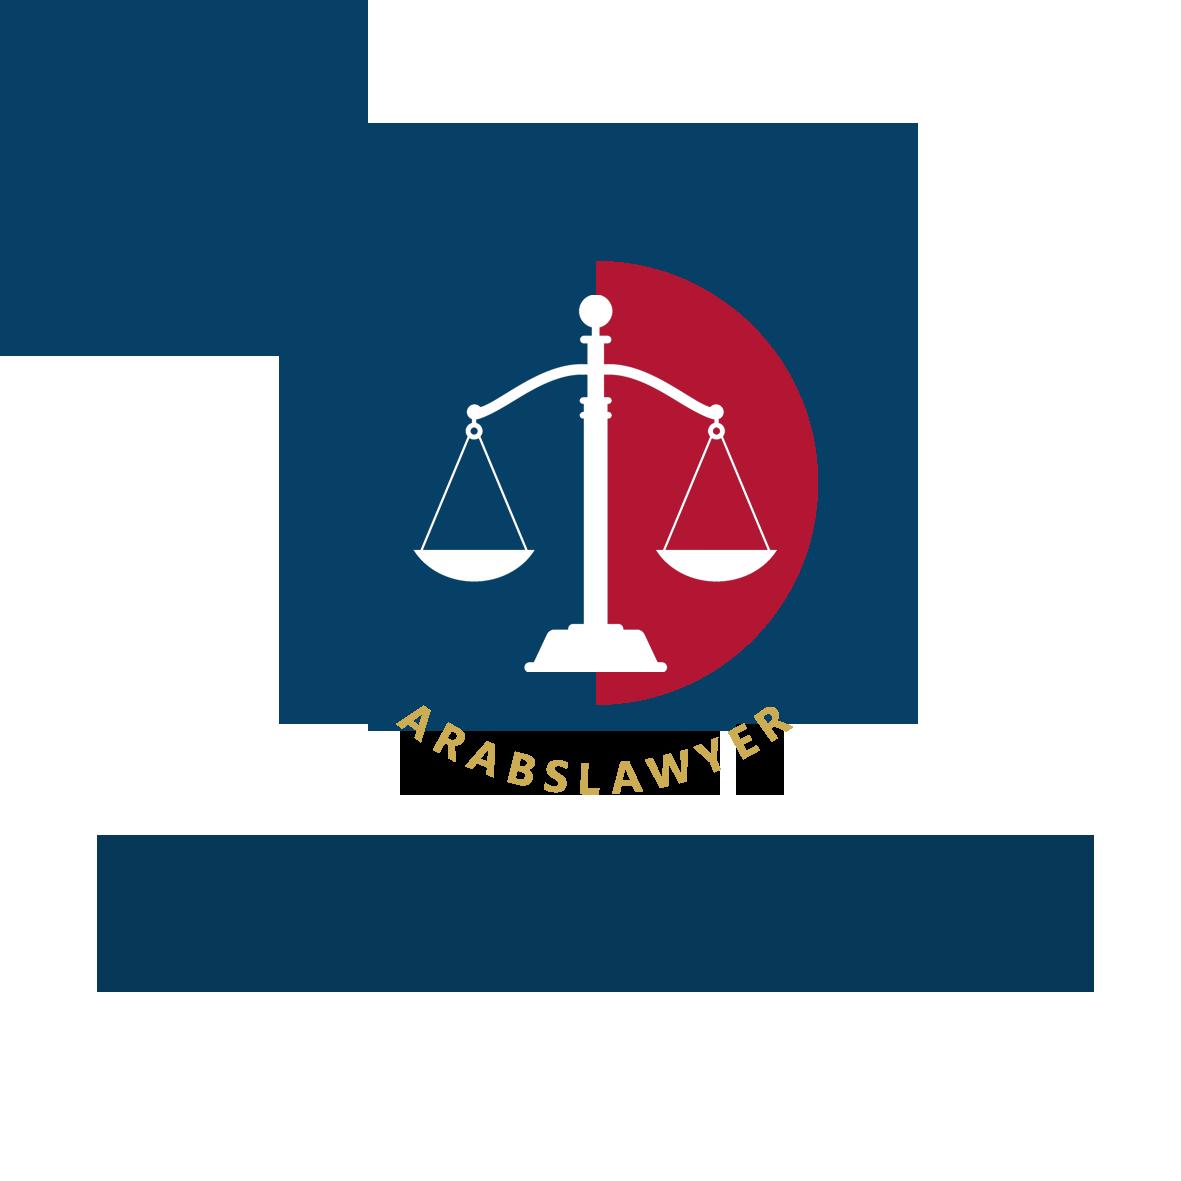 شركة محامي العرب للخدمات القانونية واعمال المحاماة |  فريق العمل